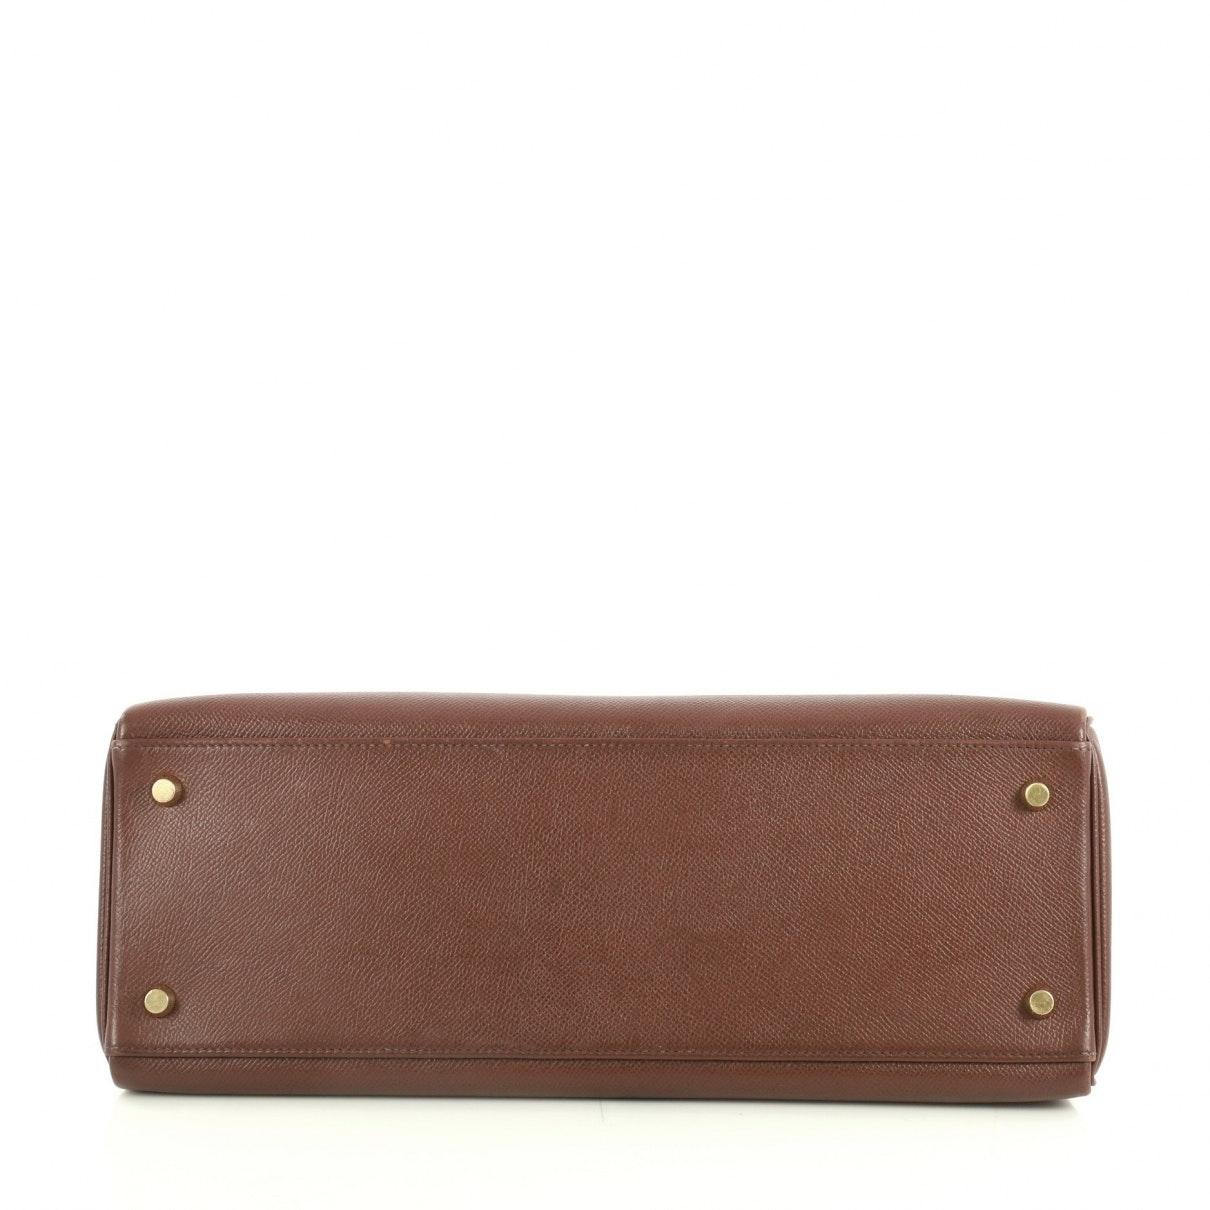 Hermès Kelly 35 Leder Handtaschen in Braun b1R4d